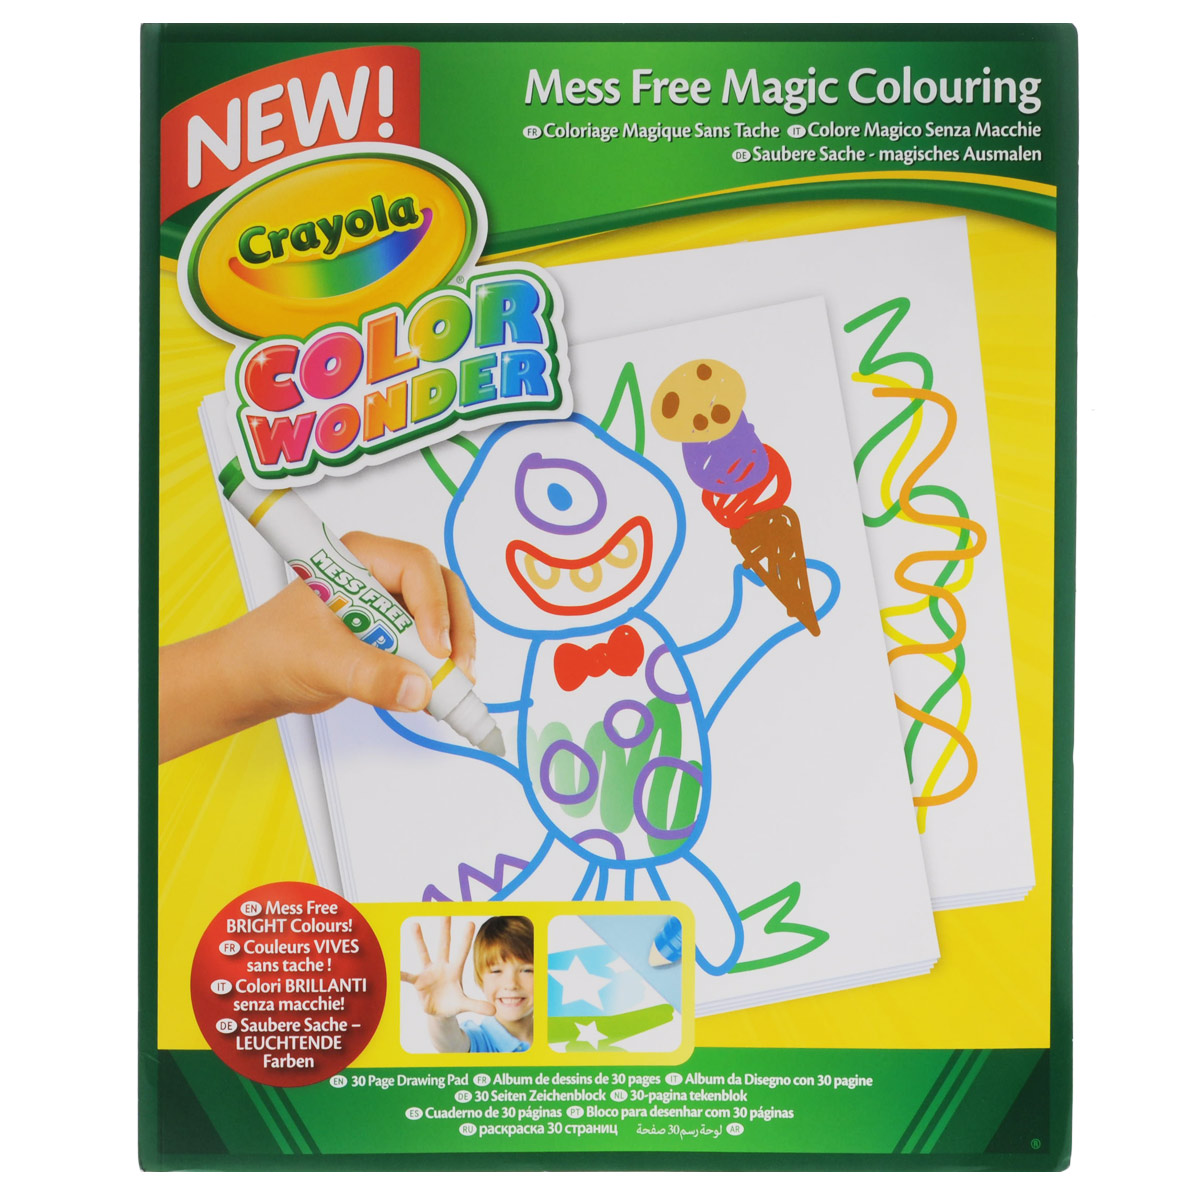 Бумага для рисования Crayola Color Wonder75-2143Бумага для рисования Crayola Color Wonder - замечательный выход из ситуации, когда ребенок любит рисовать на мебели, обоях и других поверхностях.Бумага изготовлена из высококачественного сырья с использованием современных технологий и не вызывает аллергию.В комплекте 30 листов бумаги высокой плотности. Обратите внимание, что на необычной бумаге Color Wonder можно рисовать только аксессуарами из серии Color Wonder (маркерами, фломастерами, красками).Color Wonder – одна из серий продукции Crayola. В эту линейку входят фломастеры и маркеры, которые не оставляют следов на одежде, стенах, руках ребенка, а рисуют лишь на специальной бумаге. Подобный подход к творческому процессу позволяет обеспечить максимальный комфорт как во время, так и после рисования. Больше не нужно оттирать одежду и мебель, испачканную краской!